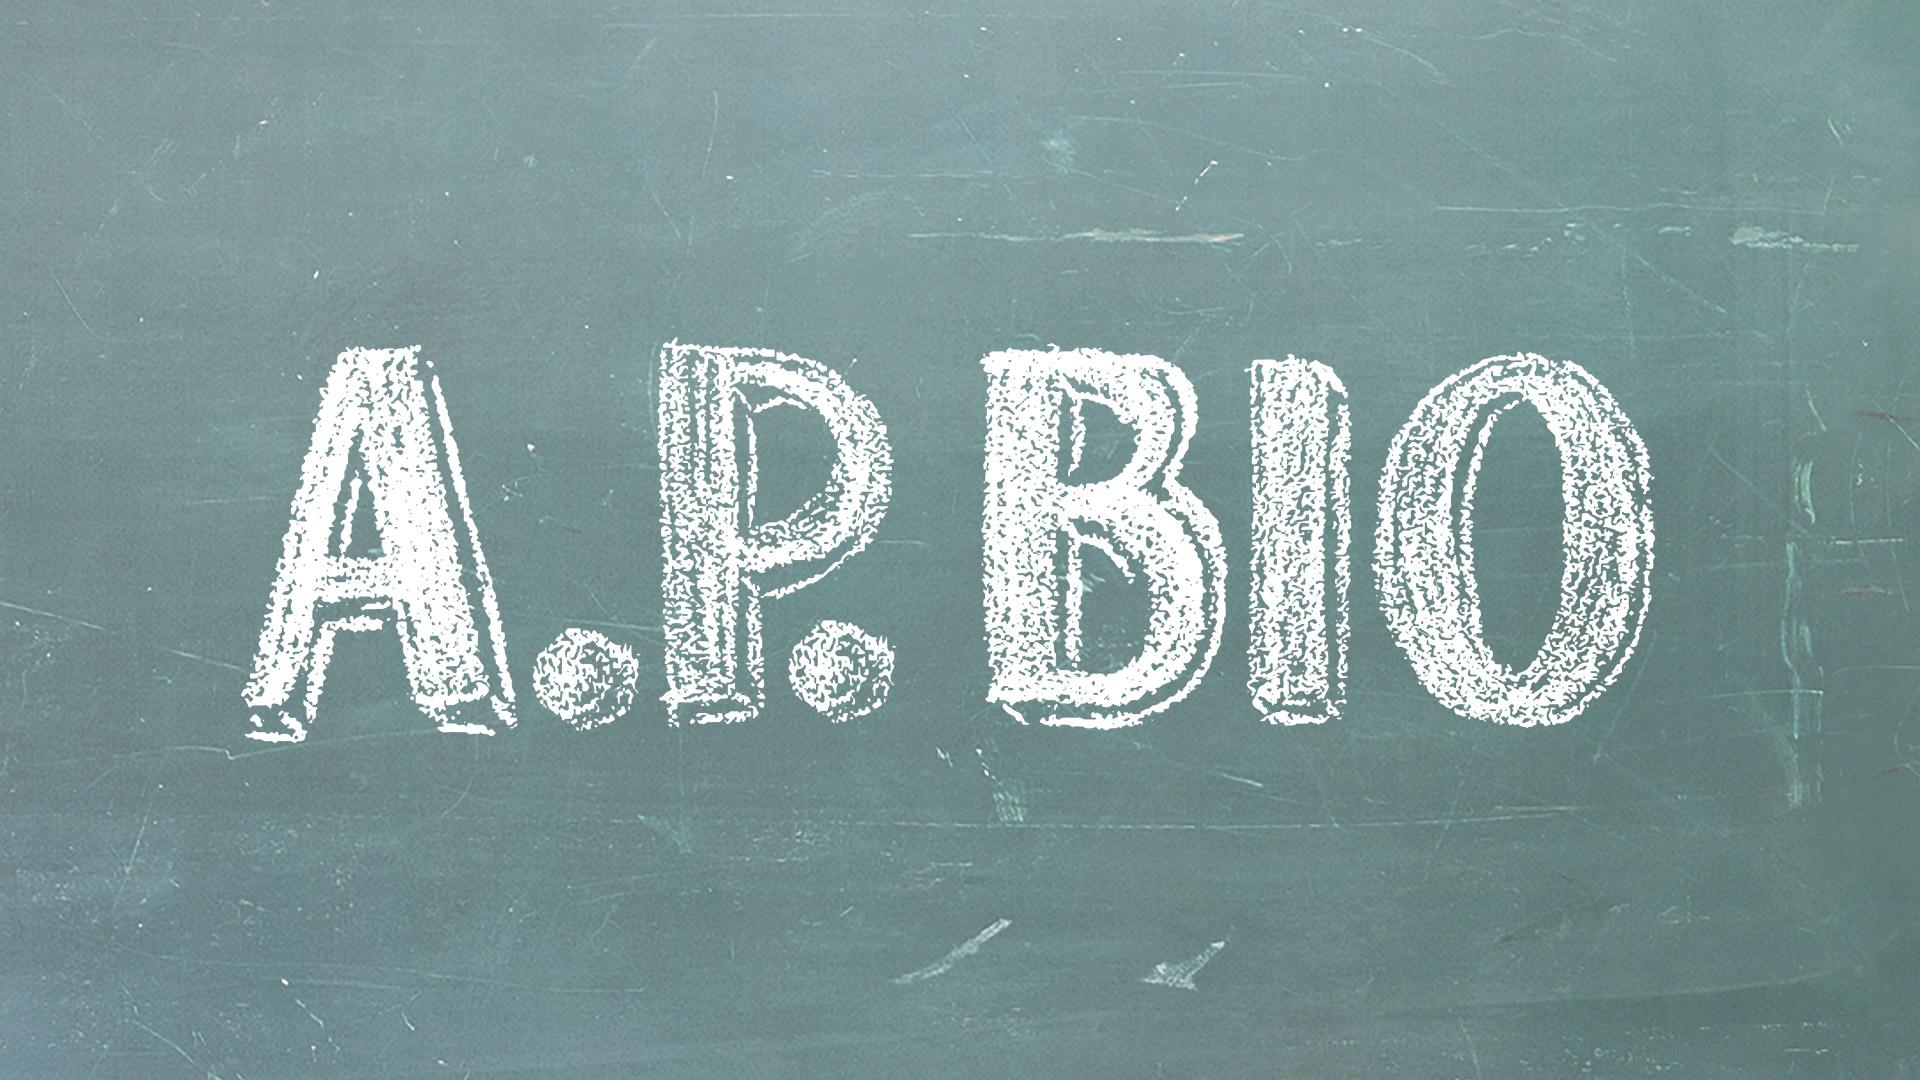 ap bio backgrouund 123why does evolution matter код для.